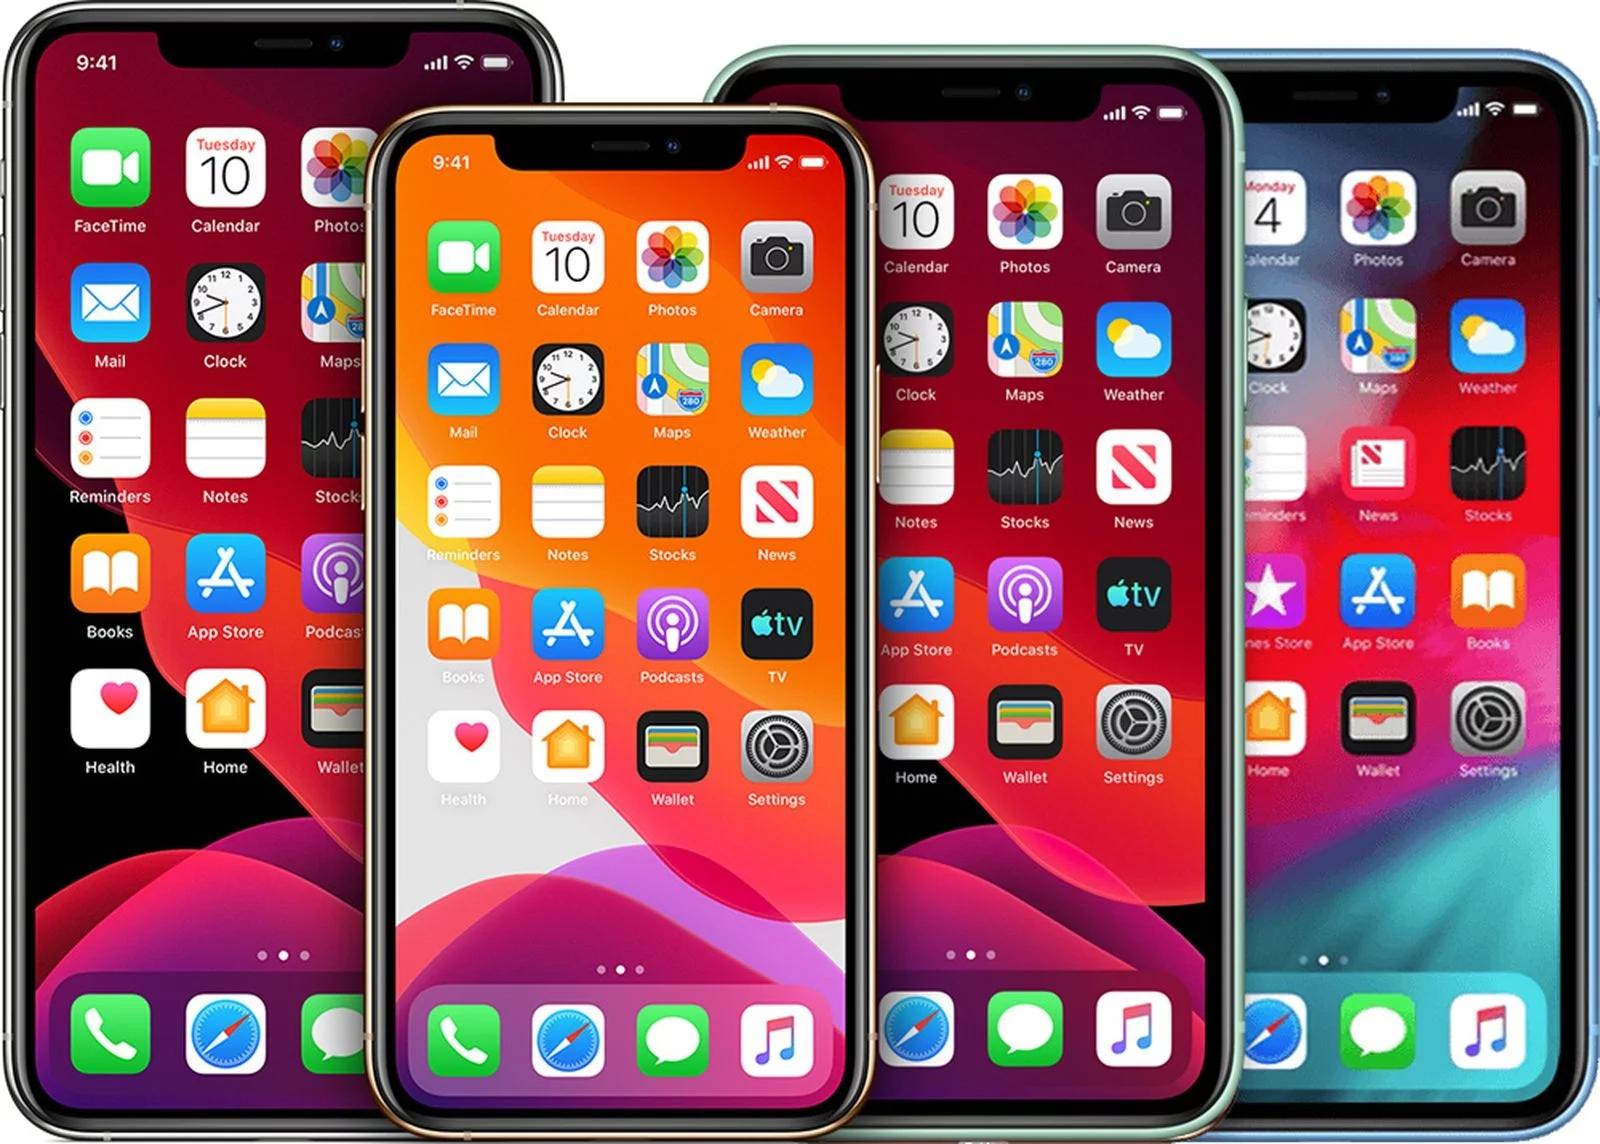 传闻:苹果不满高通设计 或自行研发5G iPhone天线